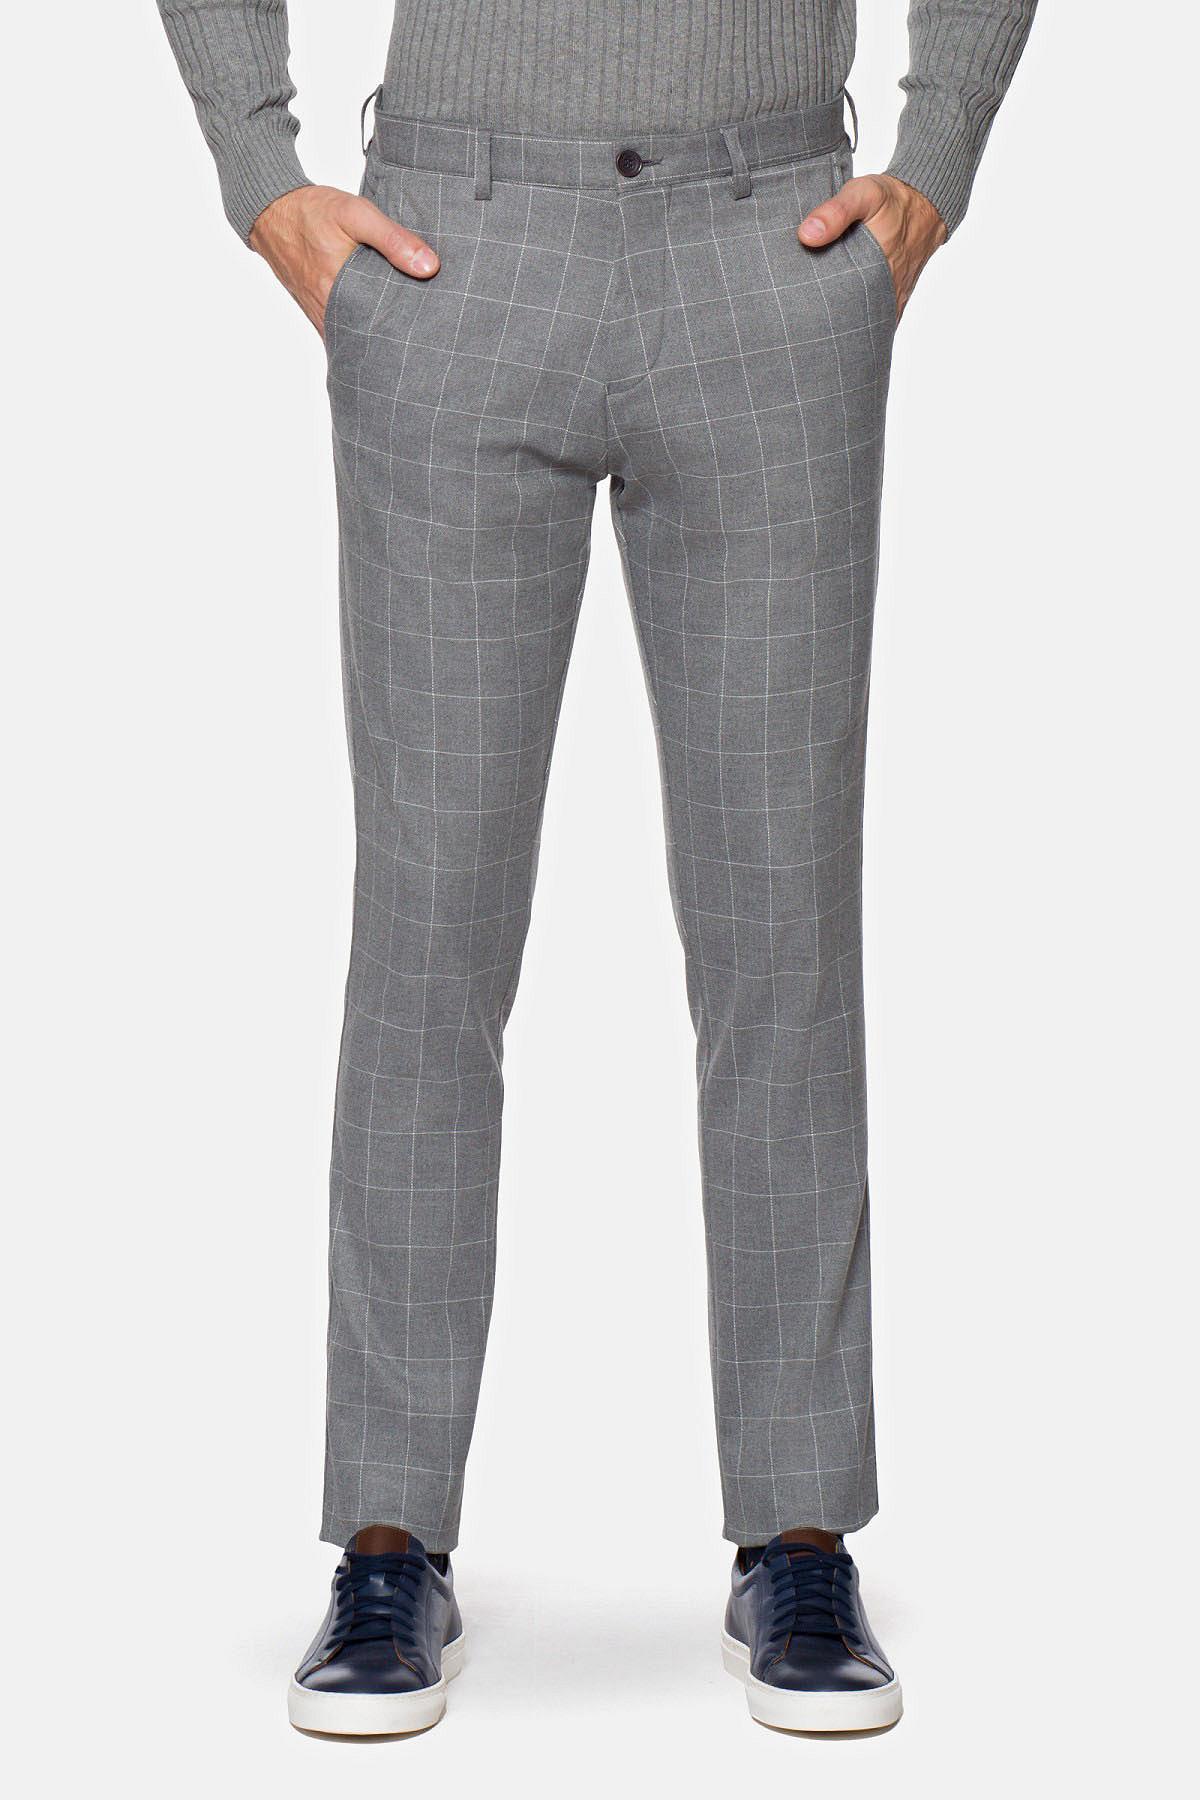 Spodnie Szare w Kratę Harvey rozmiar W33/L34; W35/L32; W36/L32; W38/L32; W38/L34